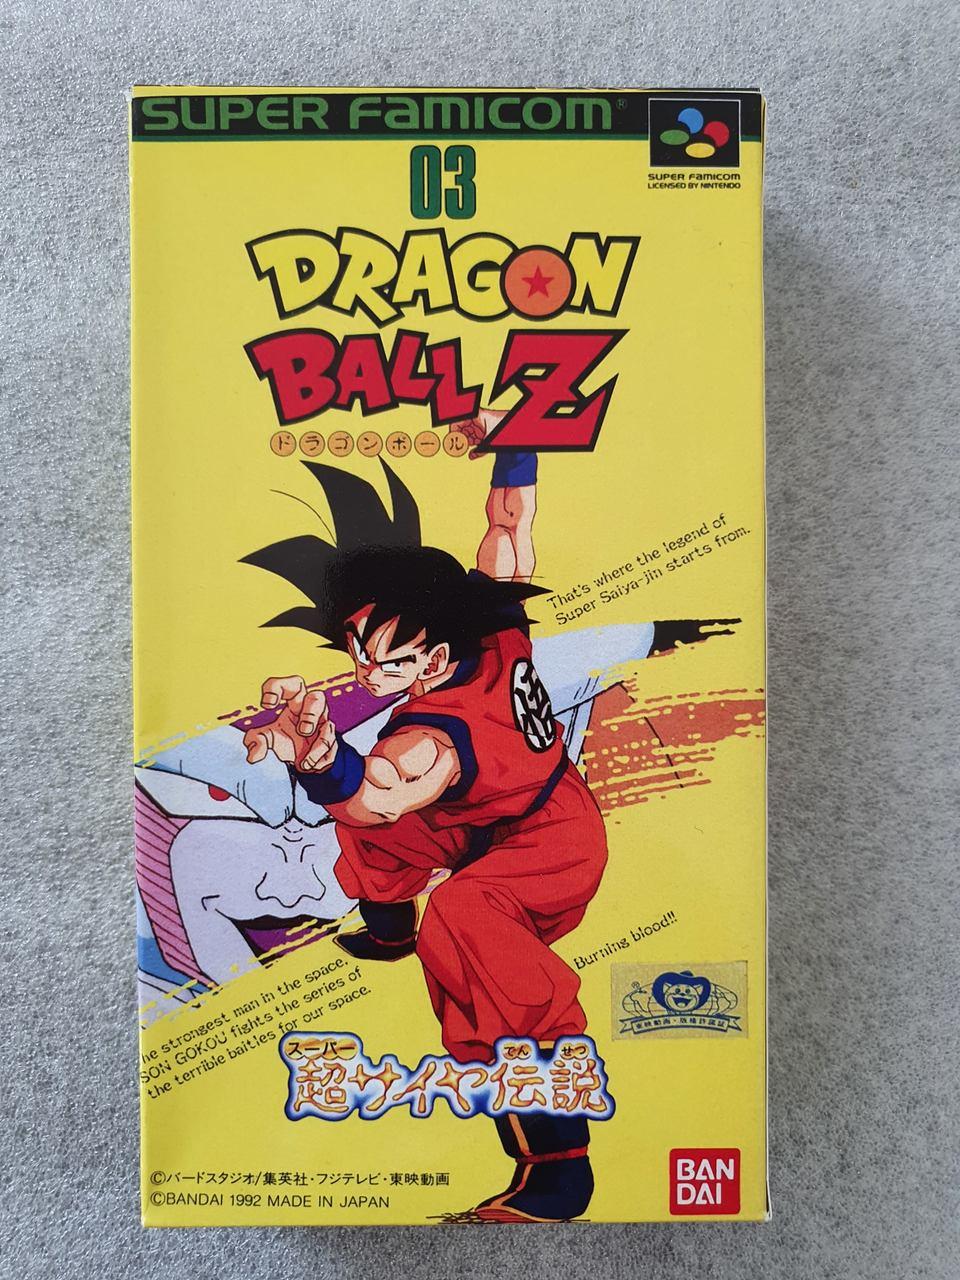 Dragon Ball Z - A Lenda do Super Sayajin - Super Famicom - Usado